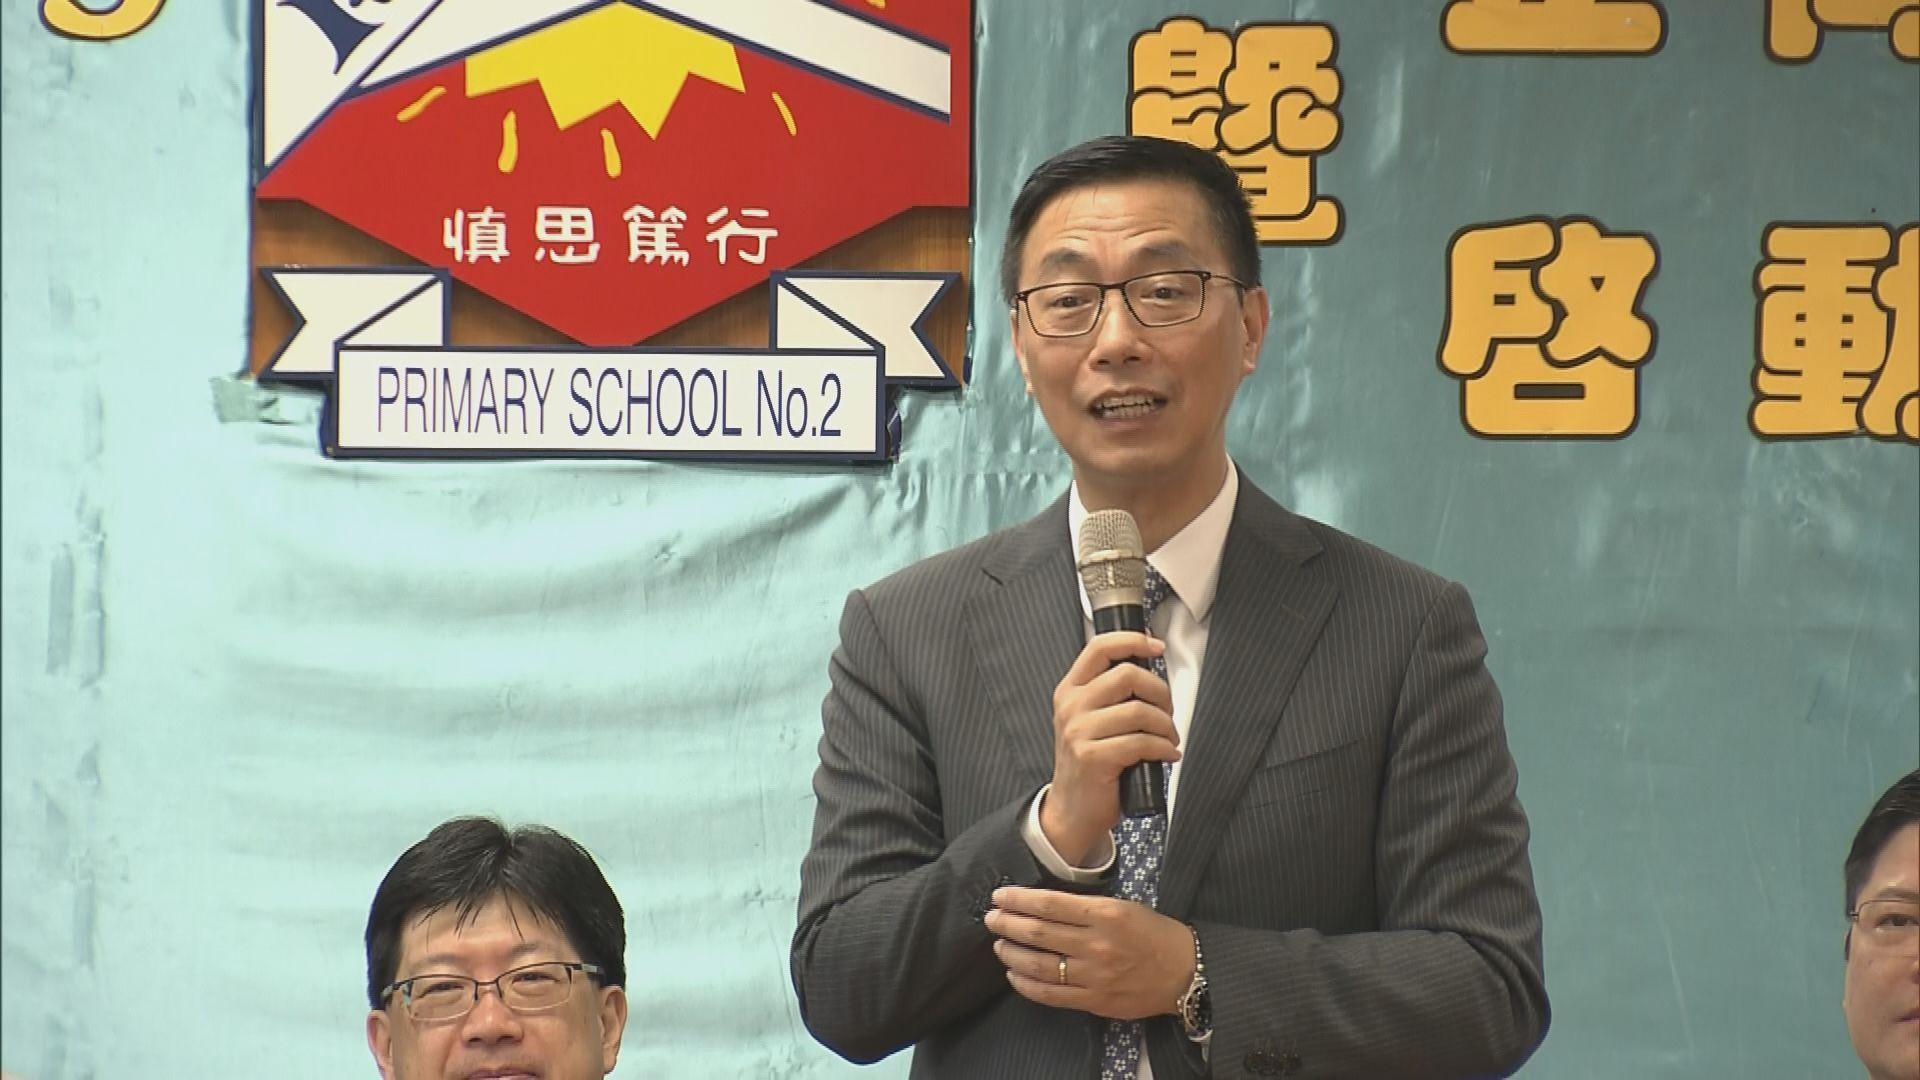 楊潤雄:校內沒有必要討論港獨